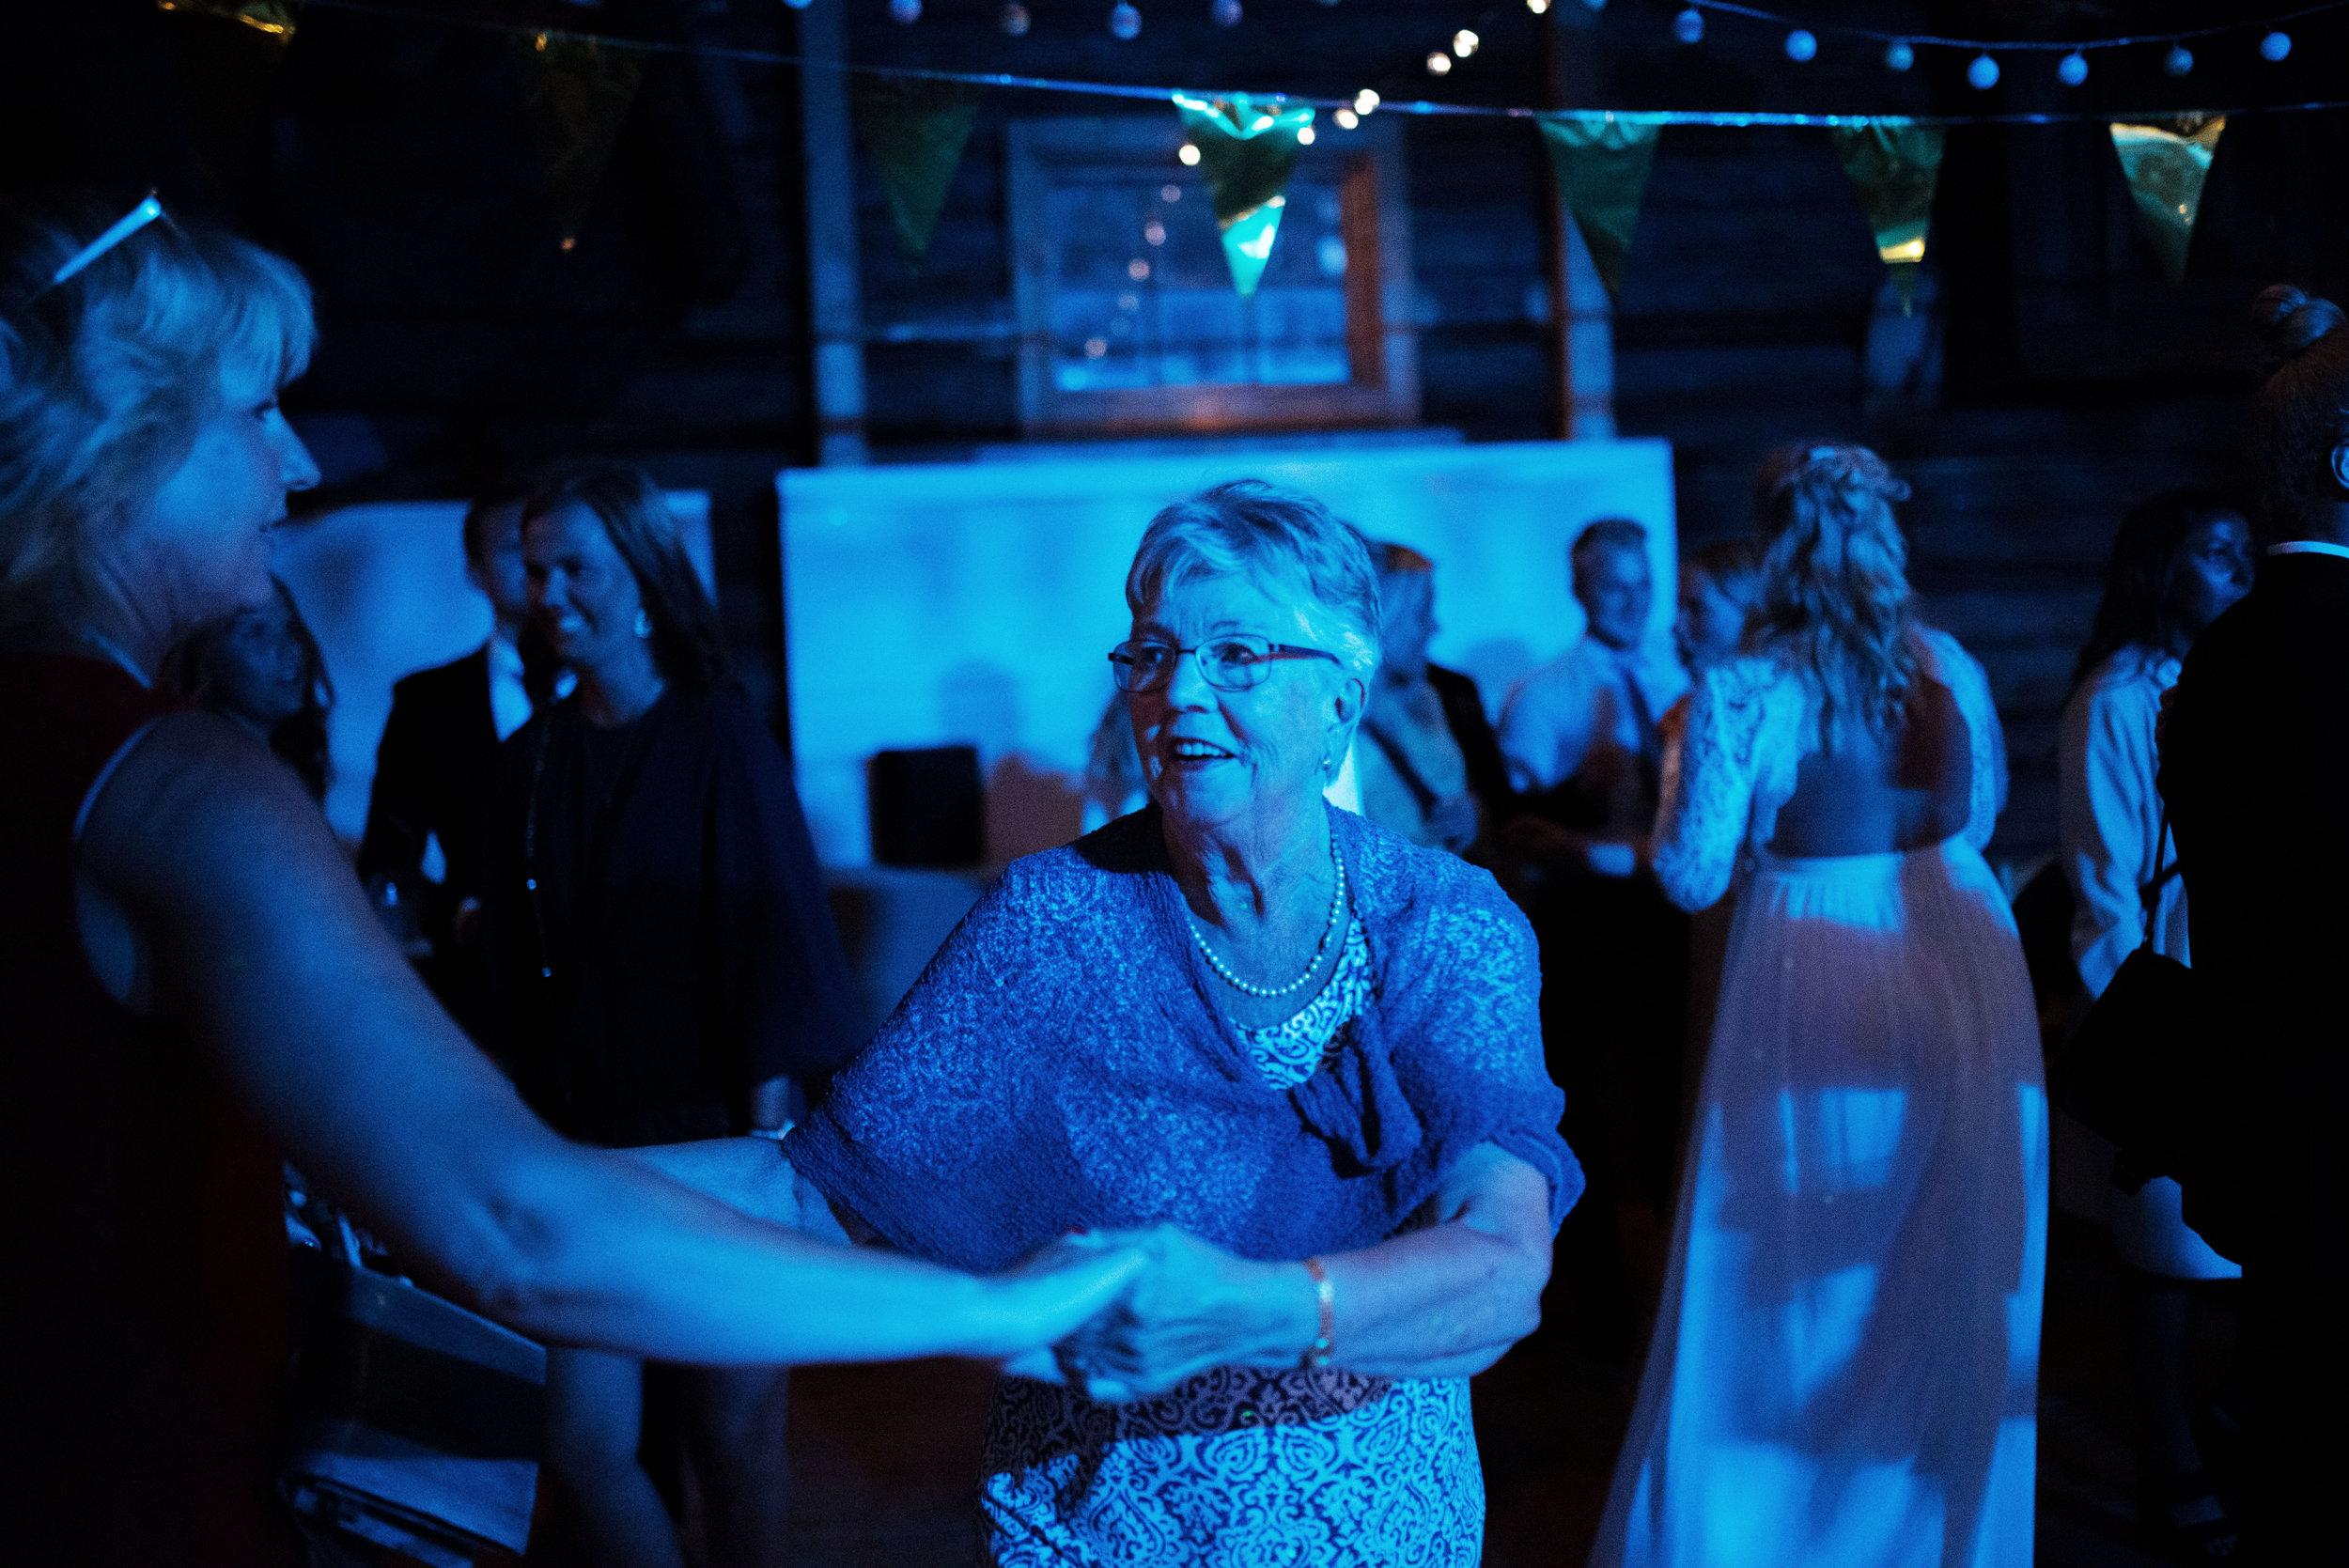 Bröllop2019lågkvall2-6547.jpg